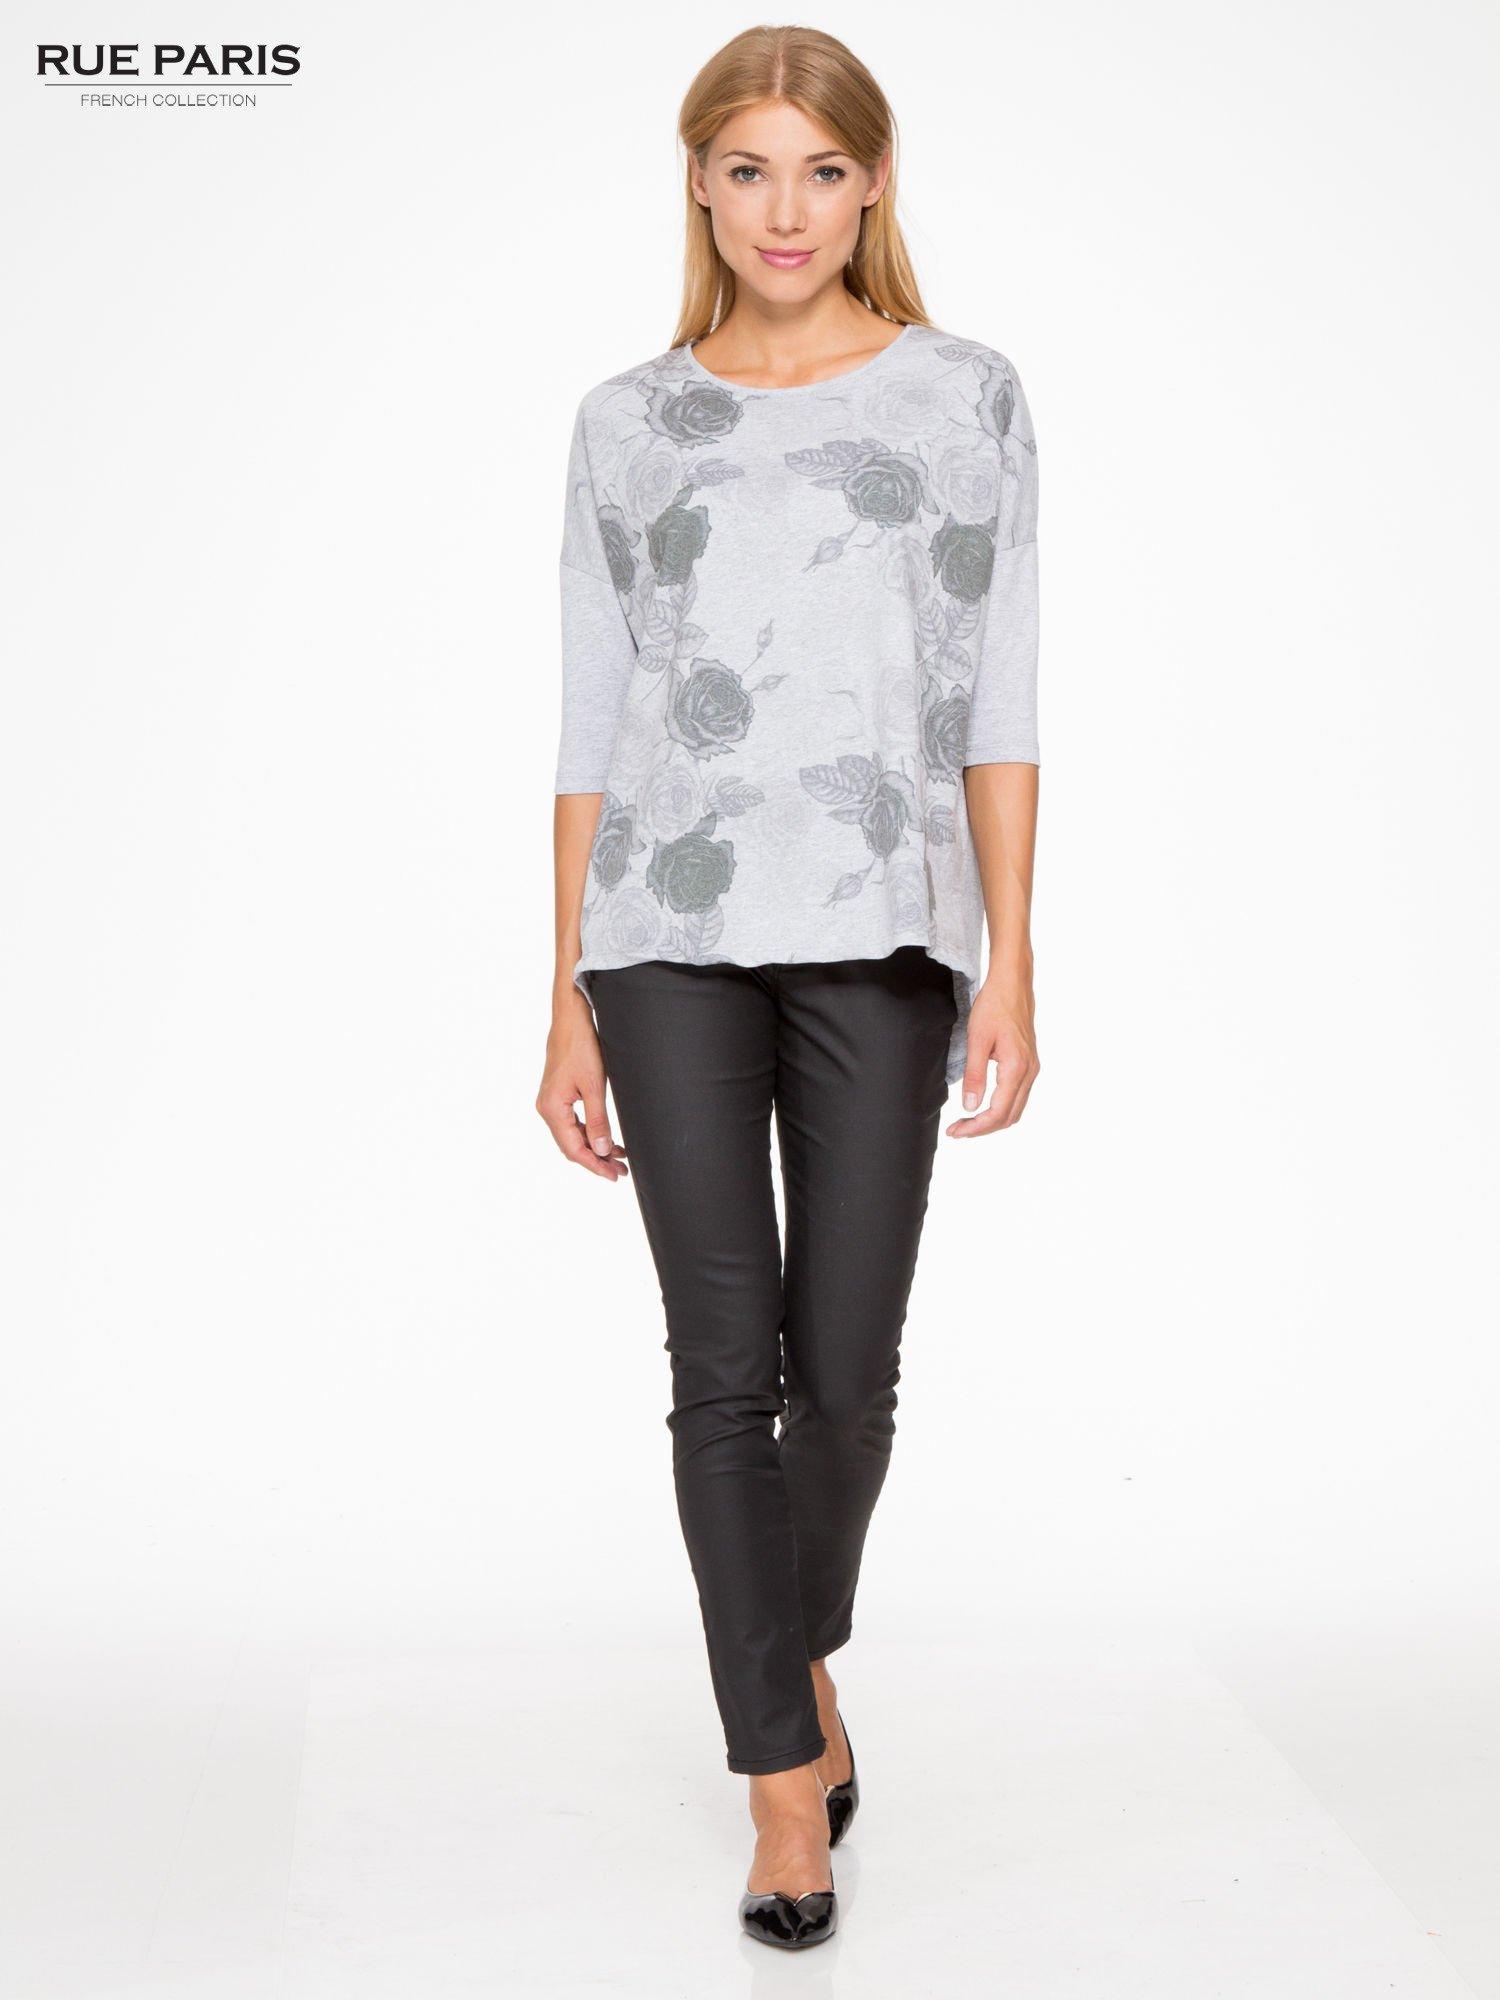 Jasnoszara bluza oversize z nadrukiem kwiatowym                                  zdj.                                  2